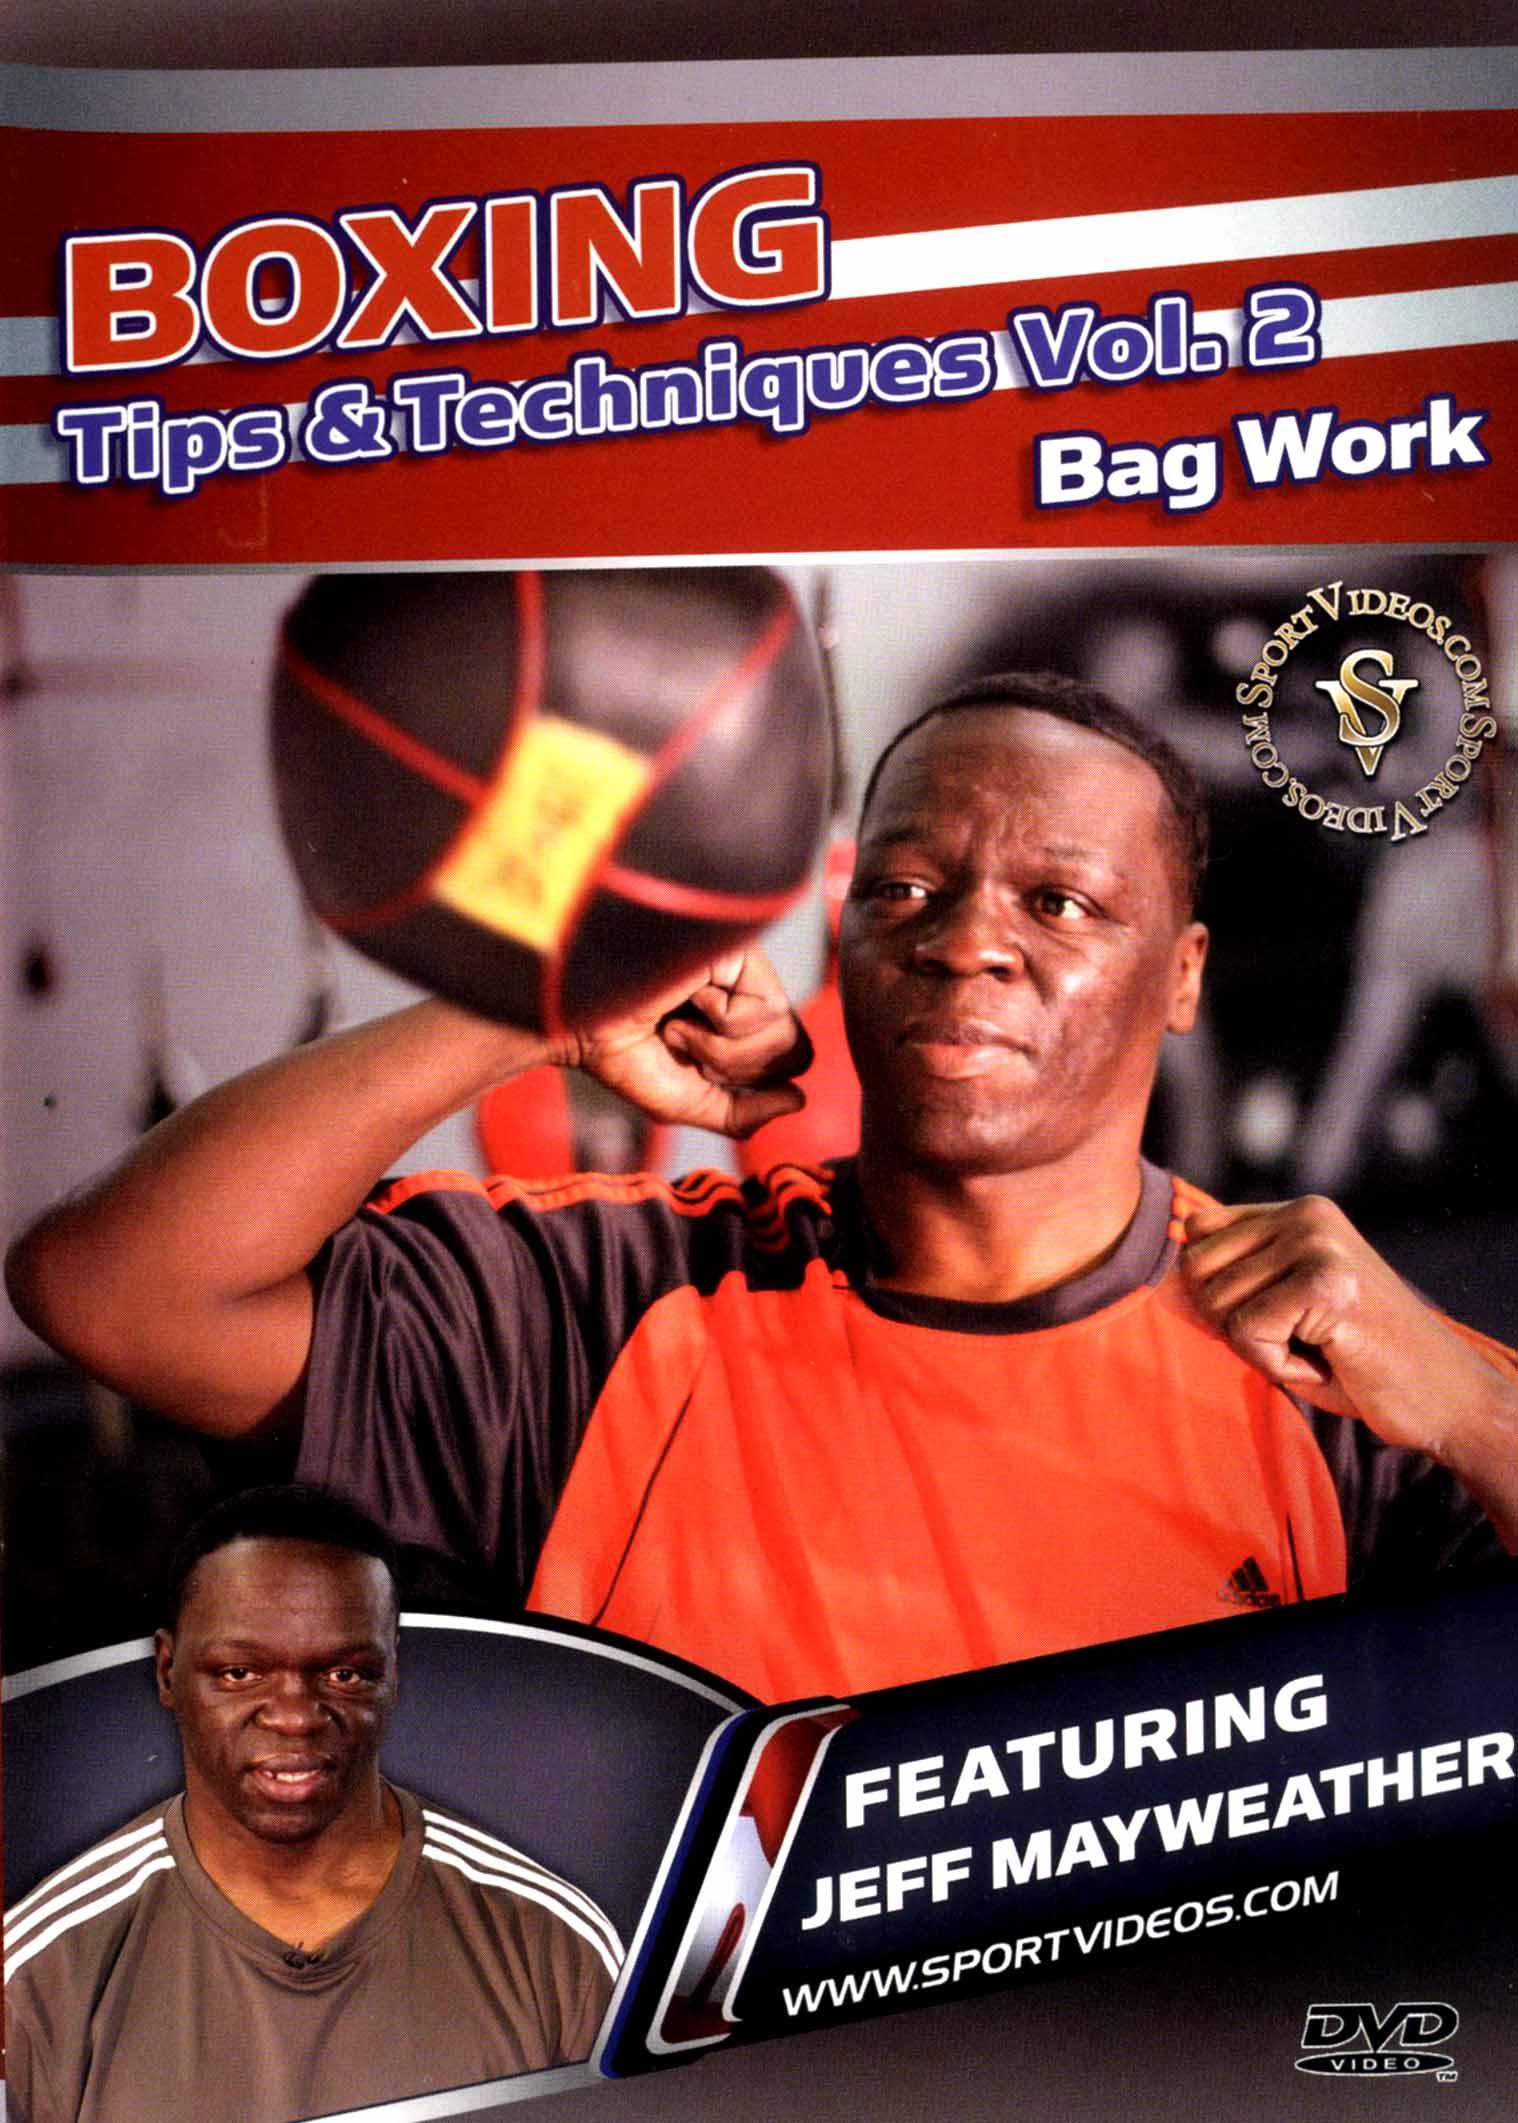 Boxing Tips & Techniques, Vol. 2: Bag Work